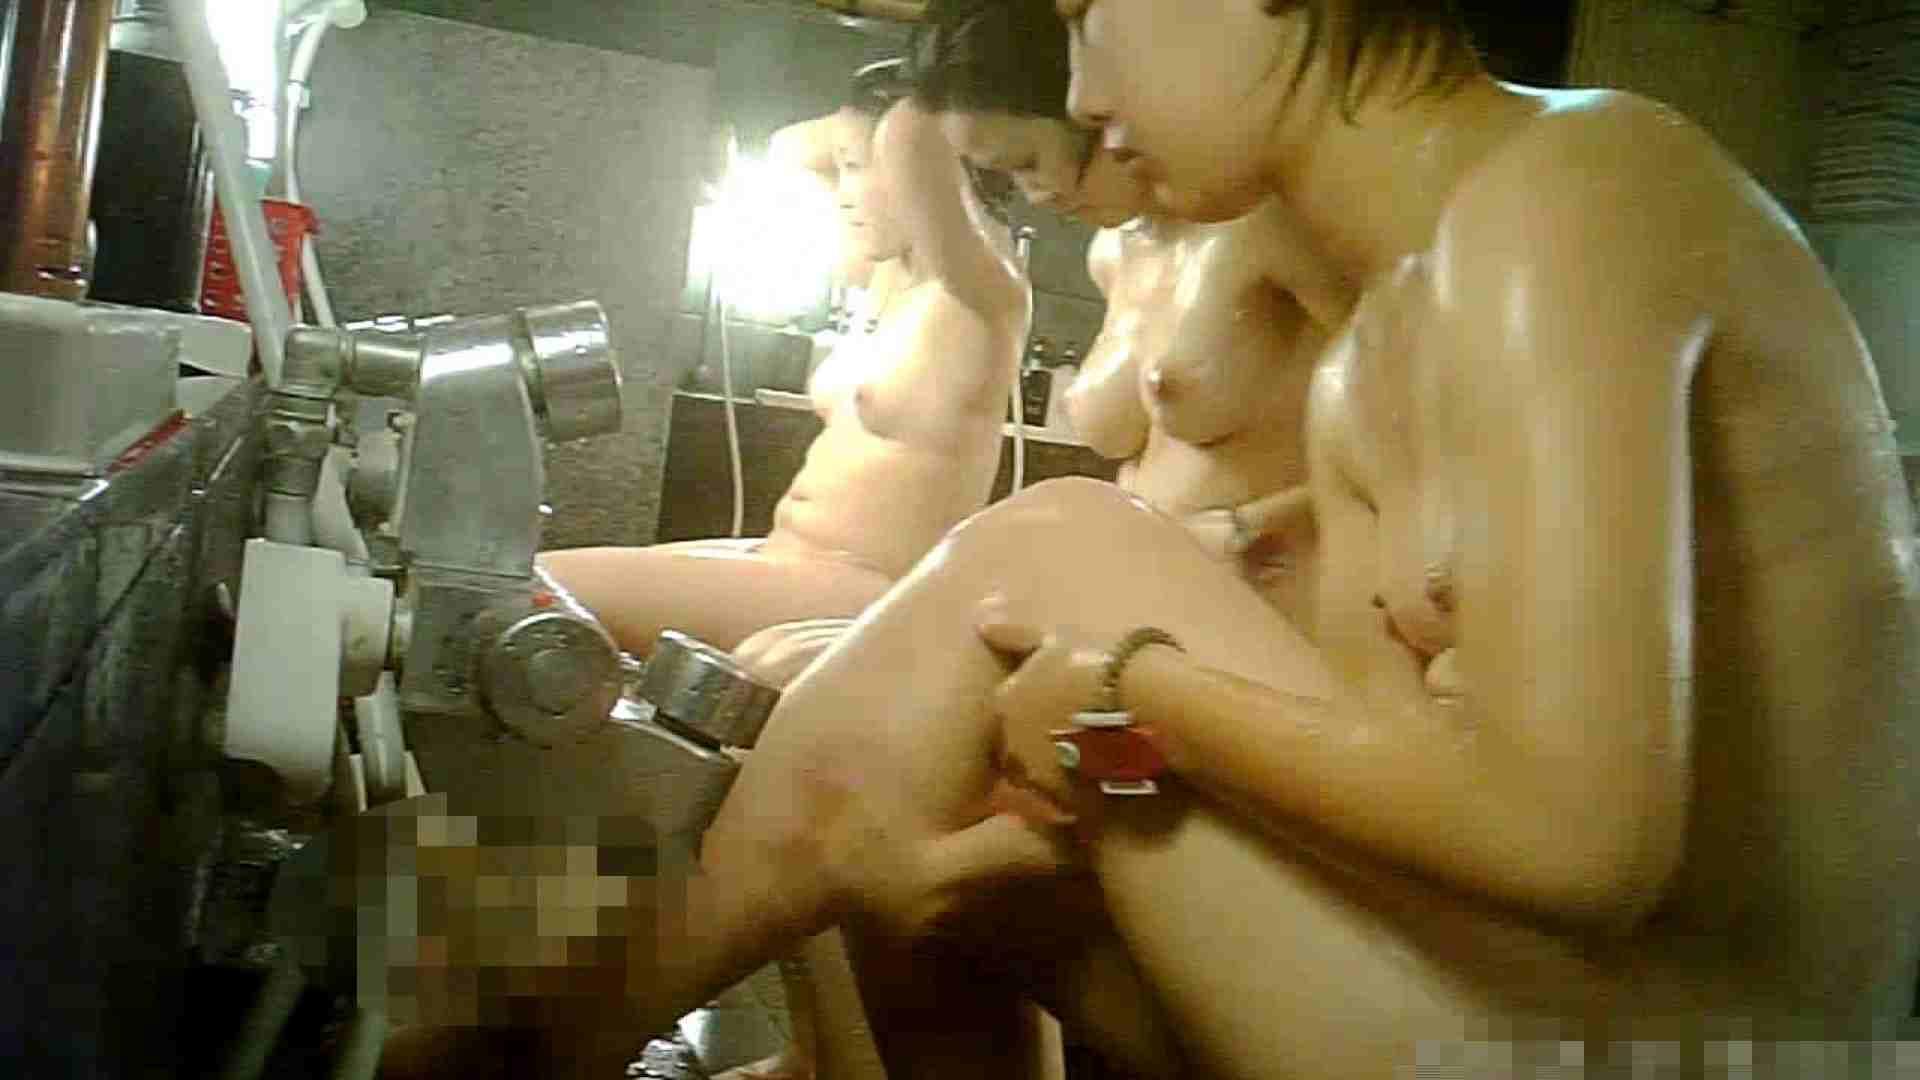 手を染めてしまった女性盗撮師の女風呂潜入記 vol.006 高画質 アダルト動画キャプチャ 100PIX 69